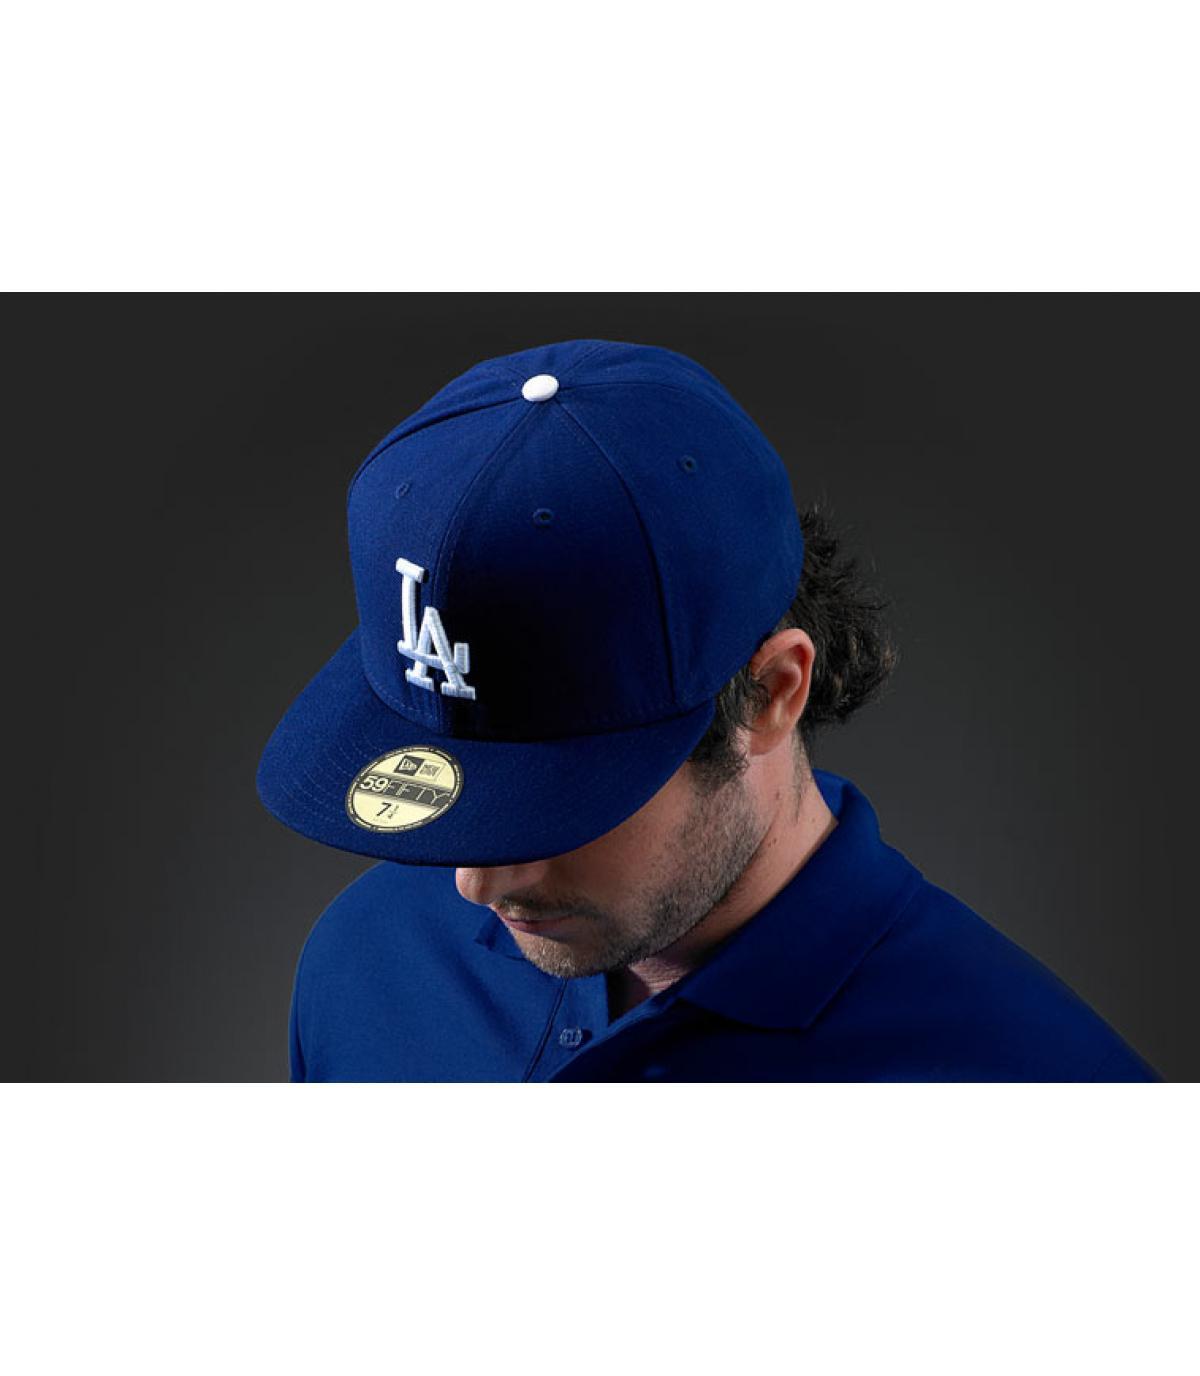 LA blue cap